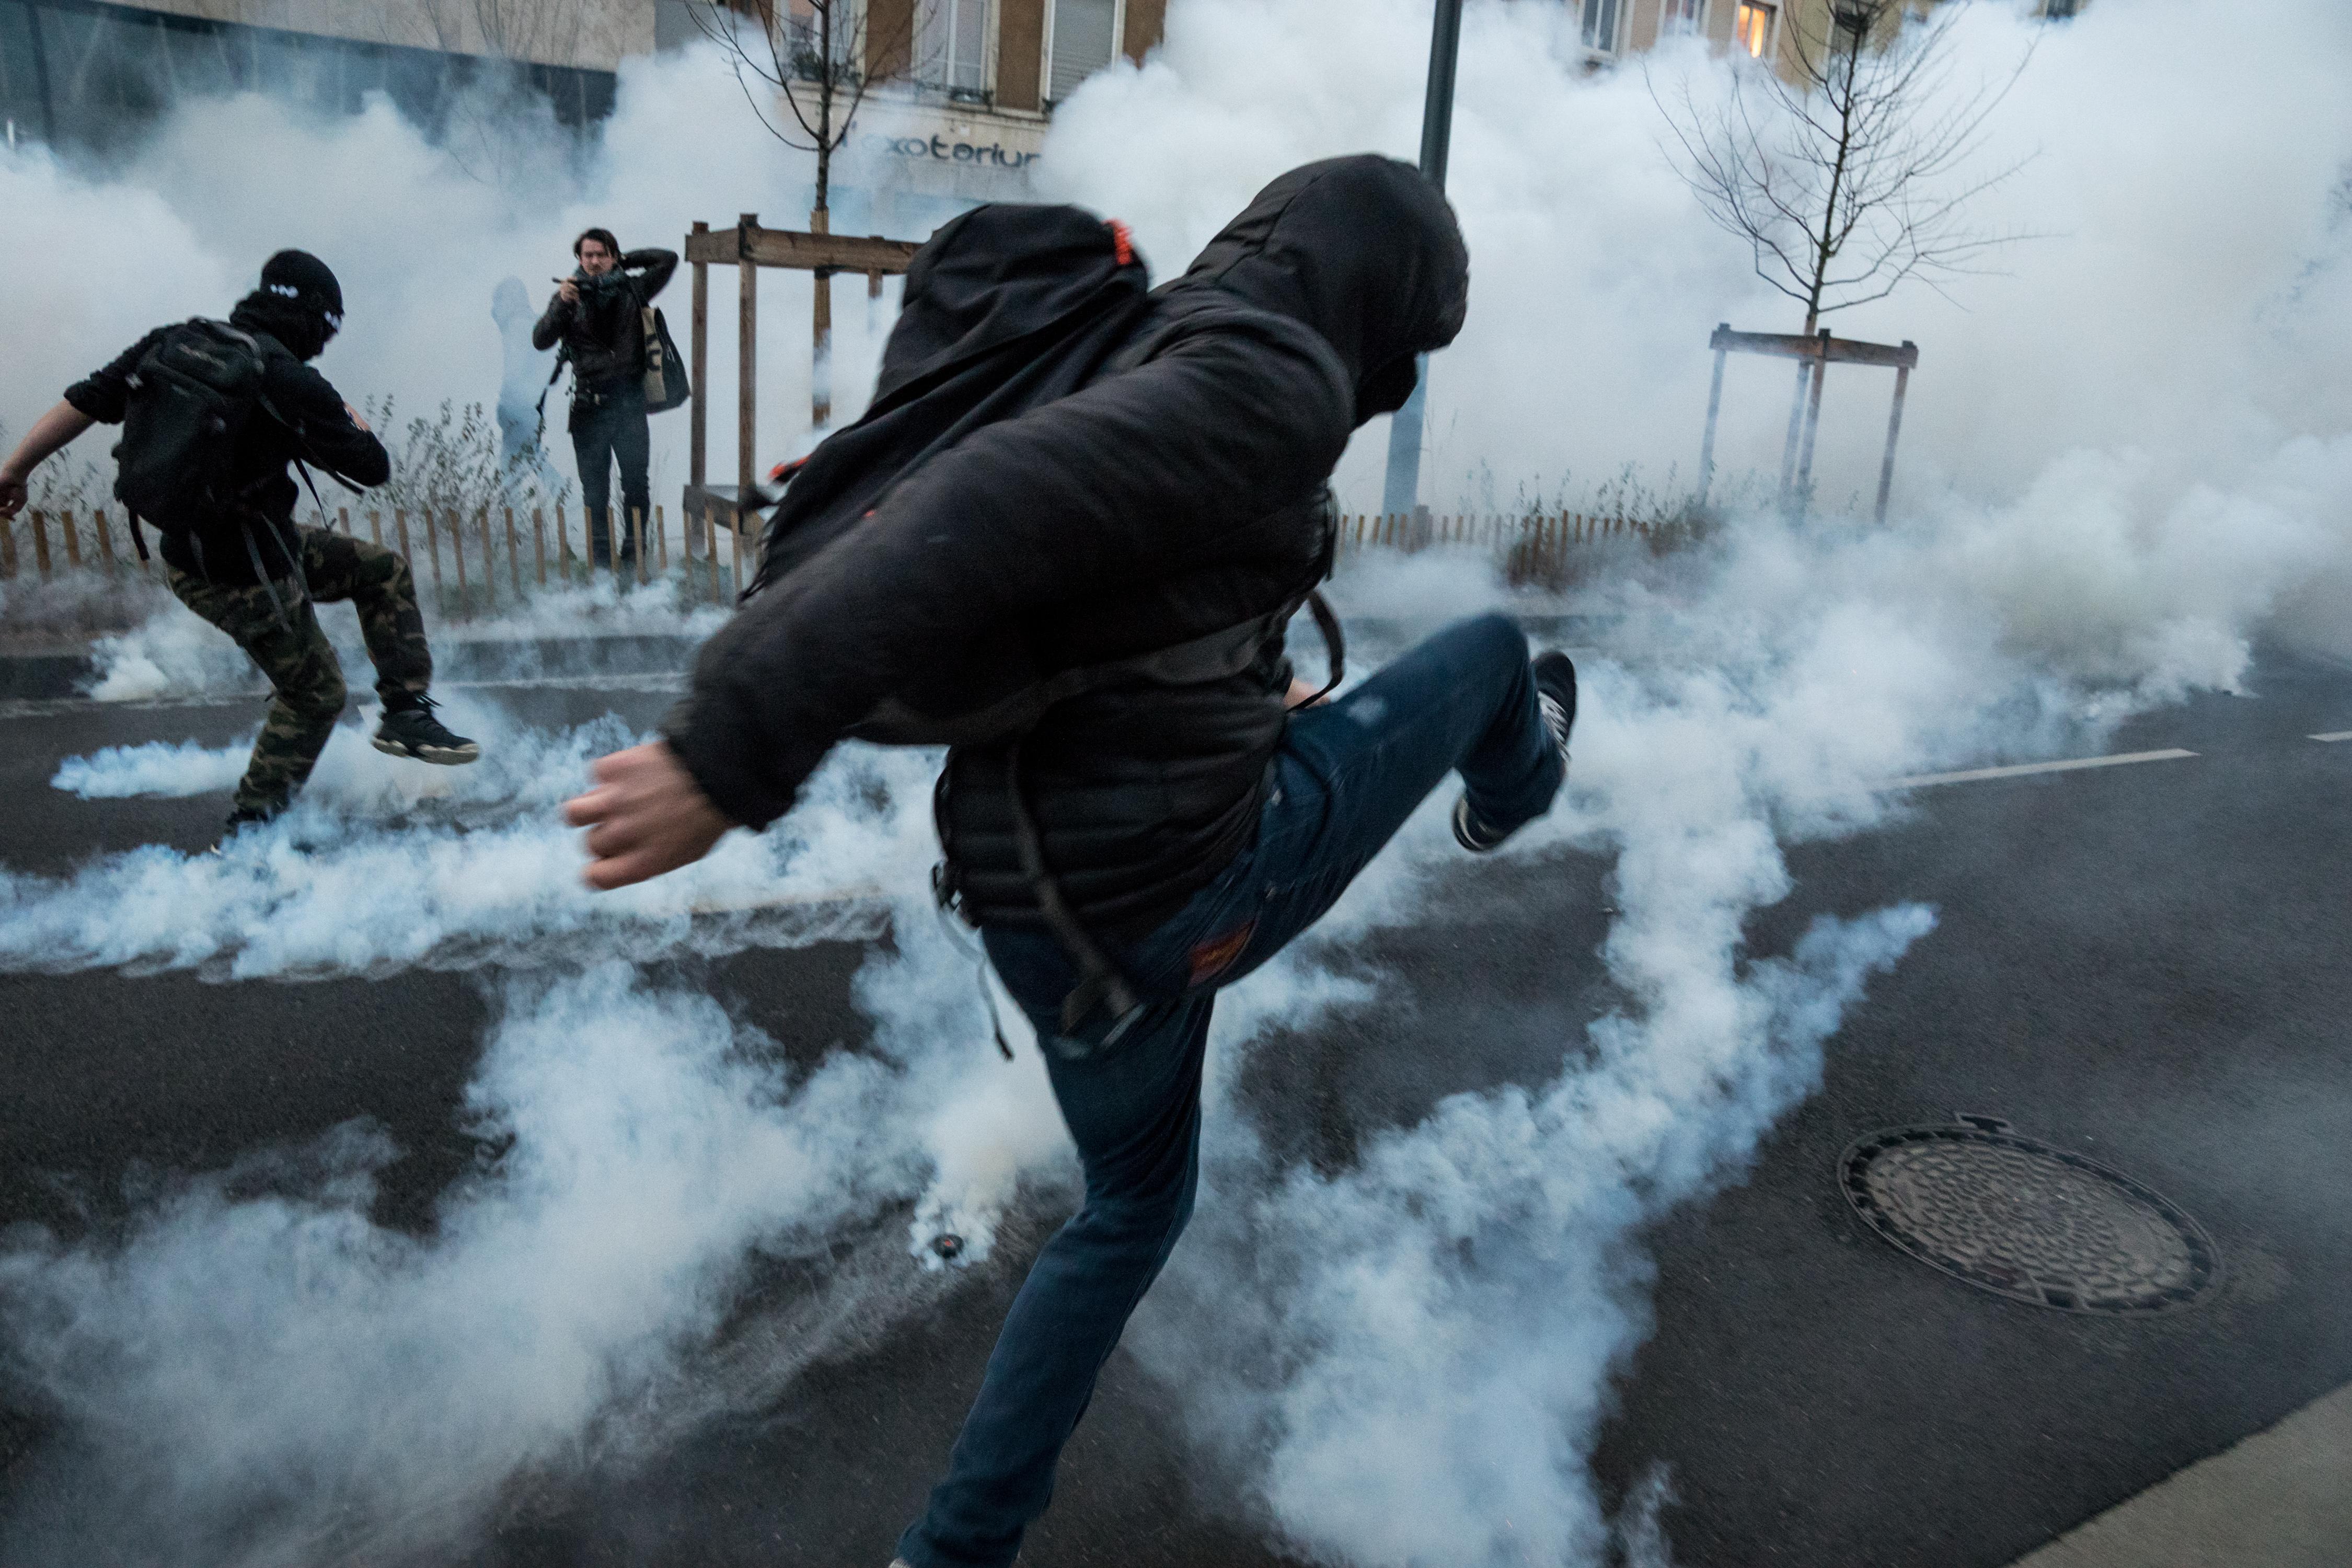 Motorjukat hátrahagyva menekültek a francia rendőrök a rájuk támadó tüntetők elől